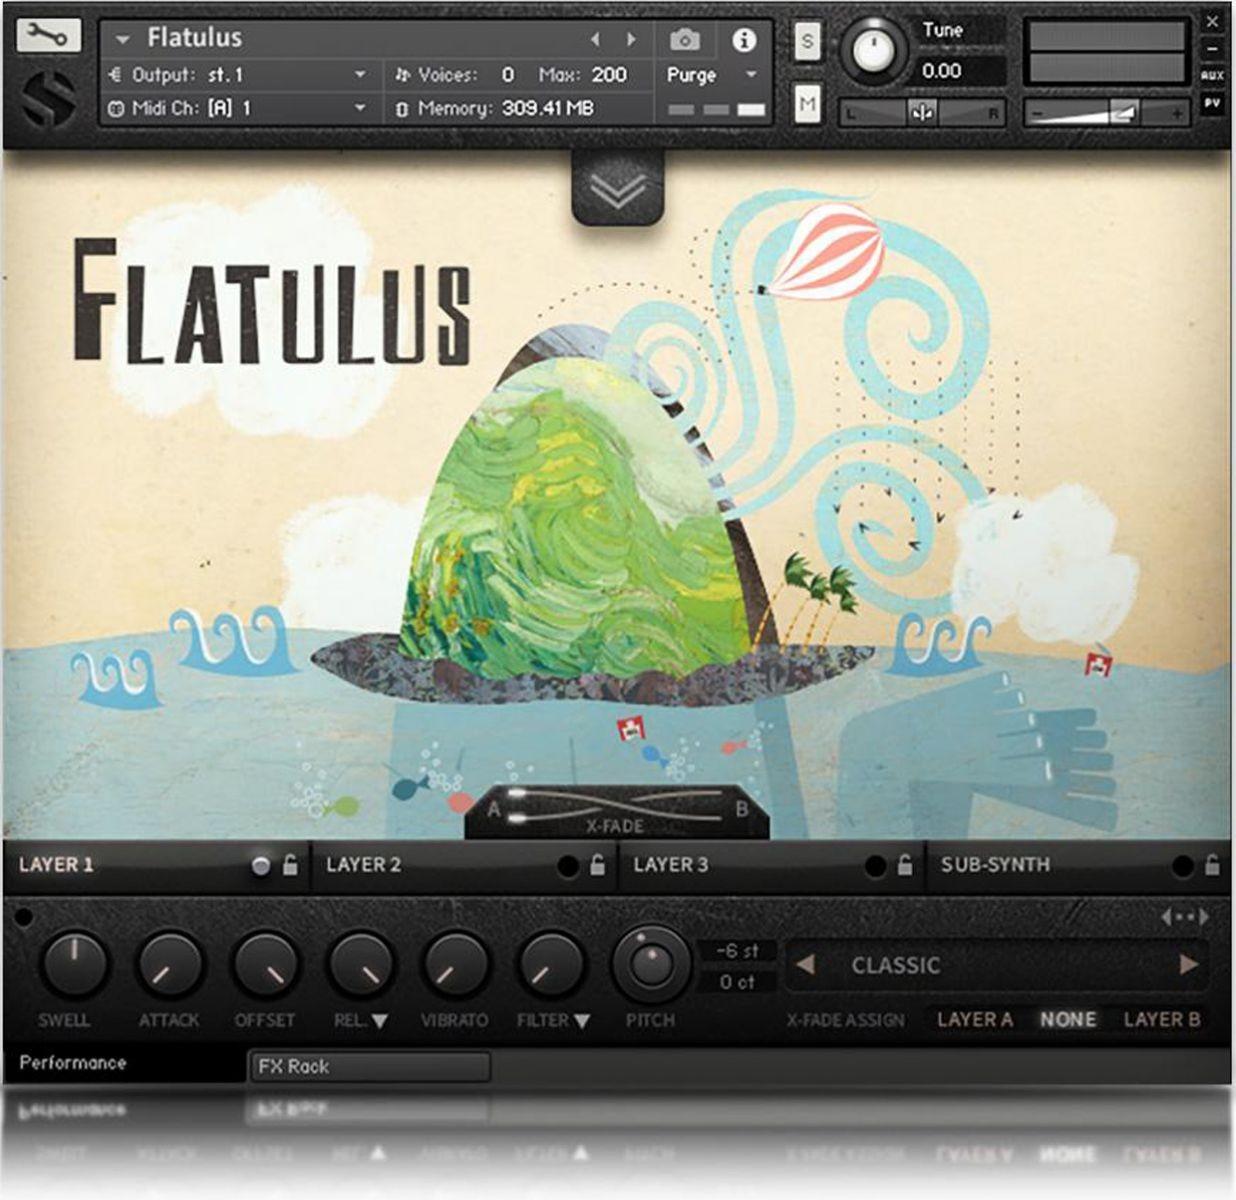 Flatulus GUI 1